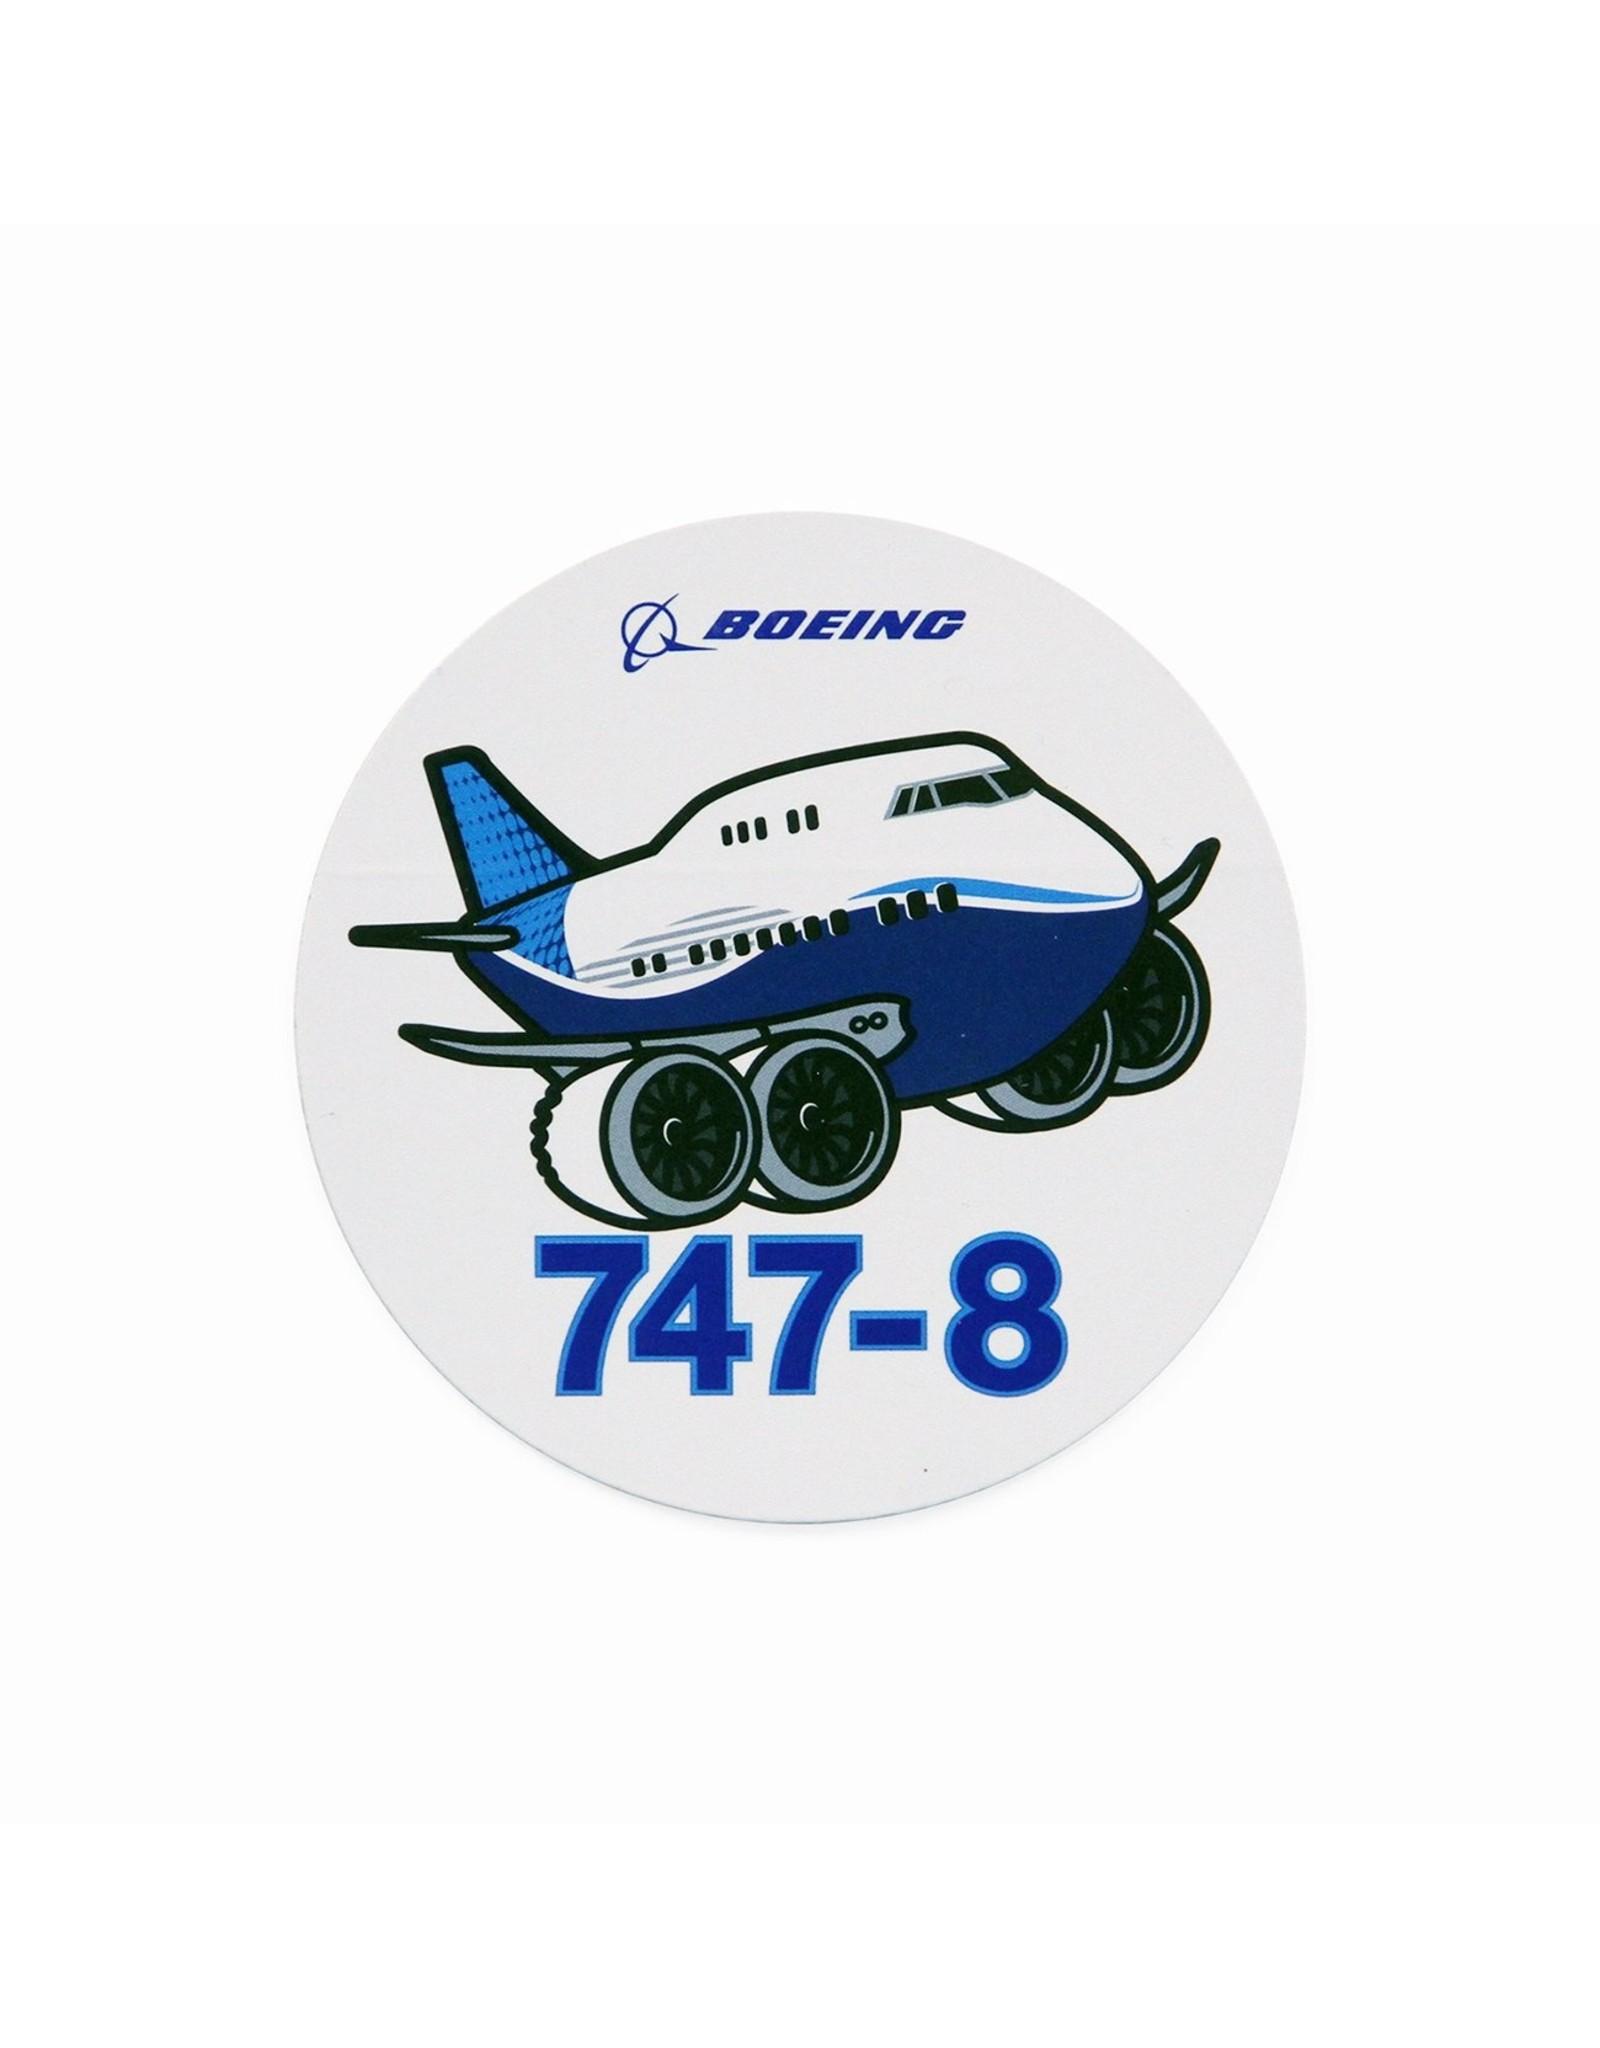 Boeing Sticker 747-8 Pudgy